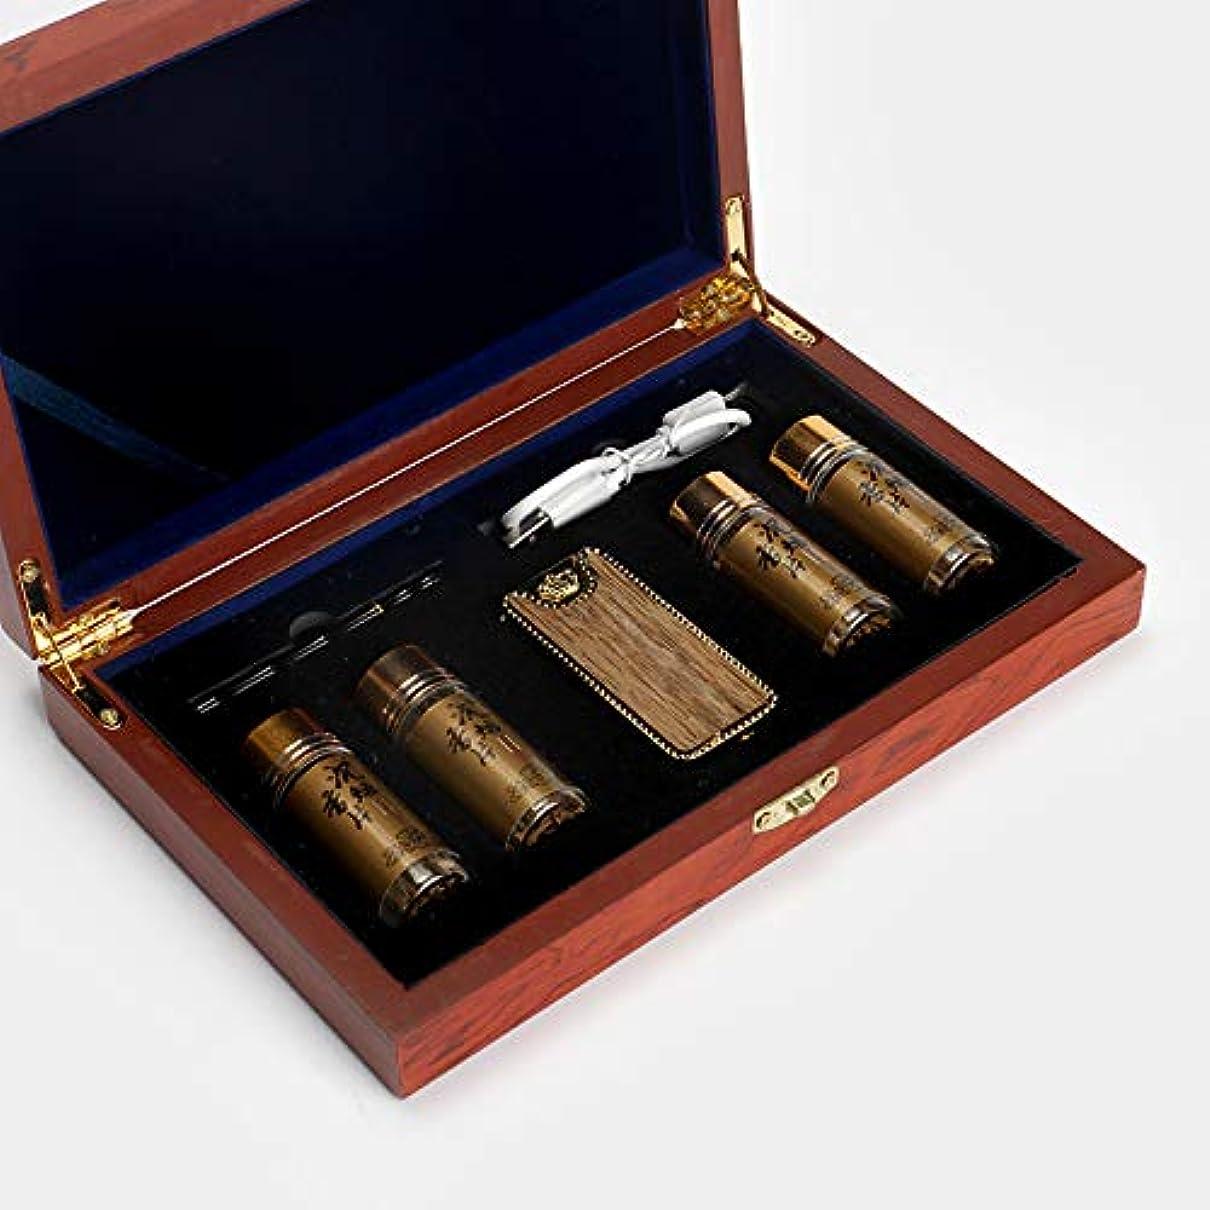 注入するインタビュー難民Diatems - 五郎クラフトベトナムニャチャンシェンタバコの煙を挿入ギフトボックスShenxiang錠4本のボトル包装